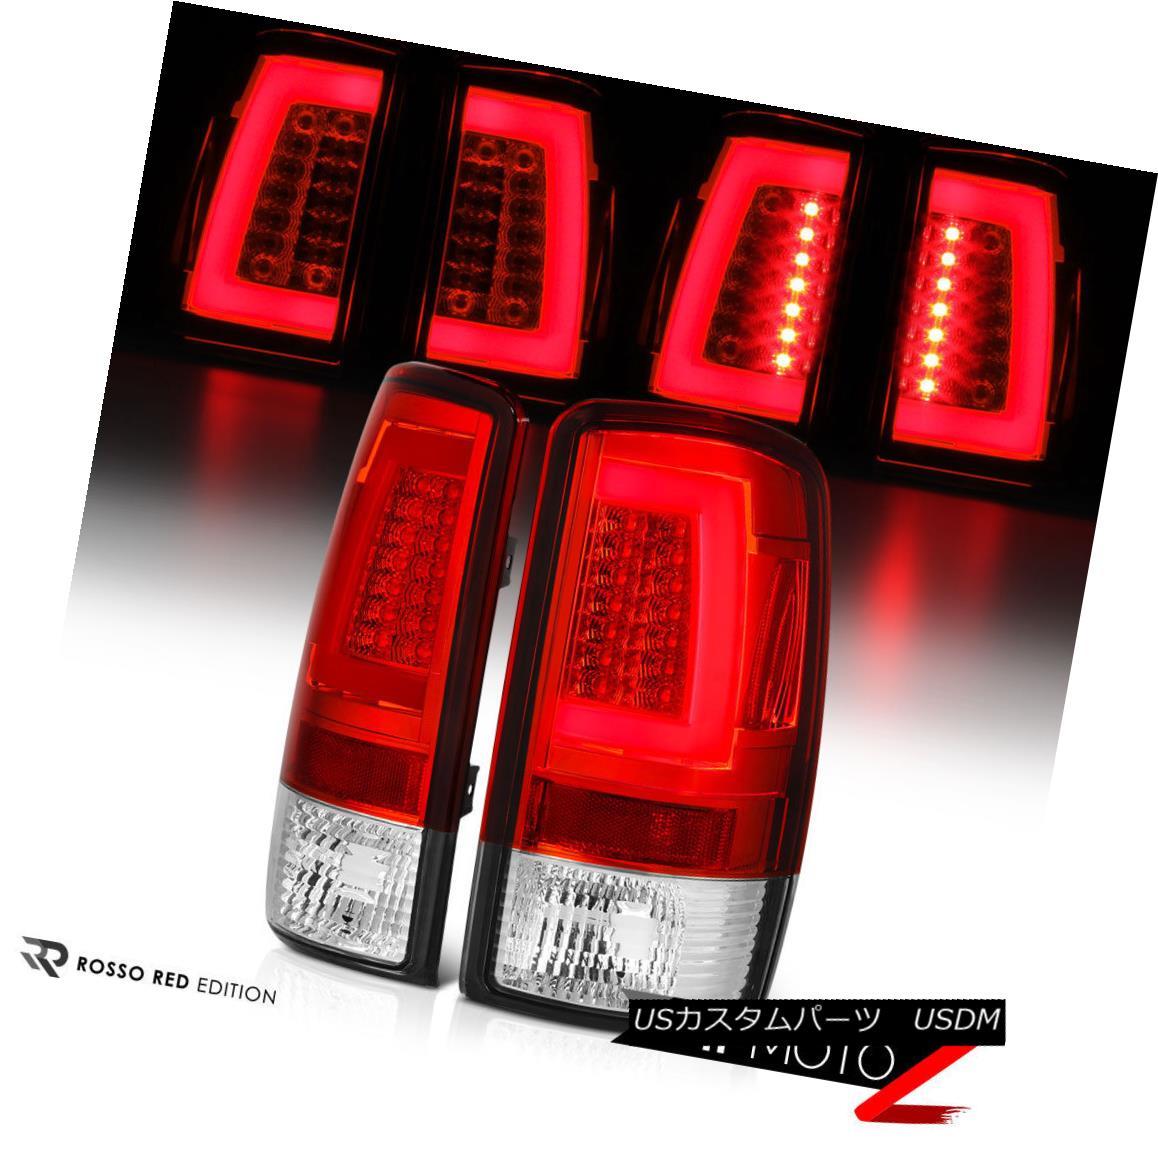 テールライト 00-06 Yukon/Tahoe Chrome Housing Red Lens LED Bar Brake Signal Lamp Tail Light 00-06ユーコン/タホクロームハウジングレッドレンズLEDバーブレーキ信号ランプテールライト